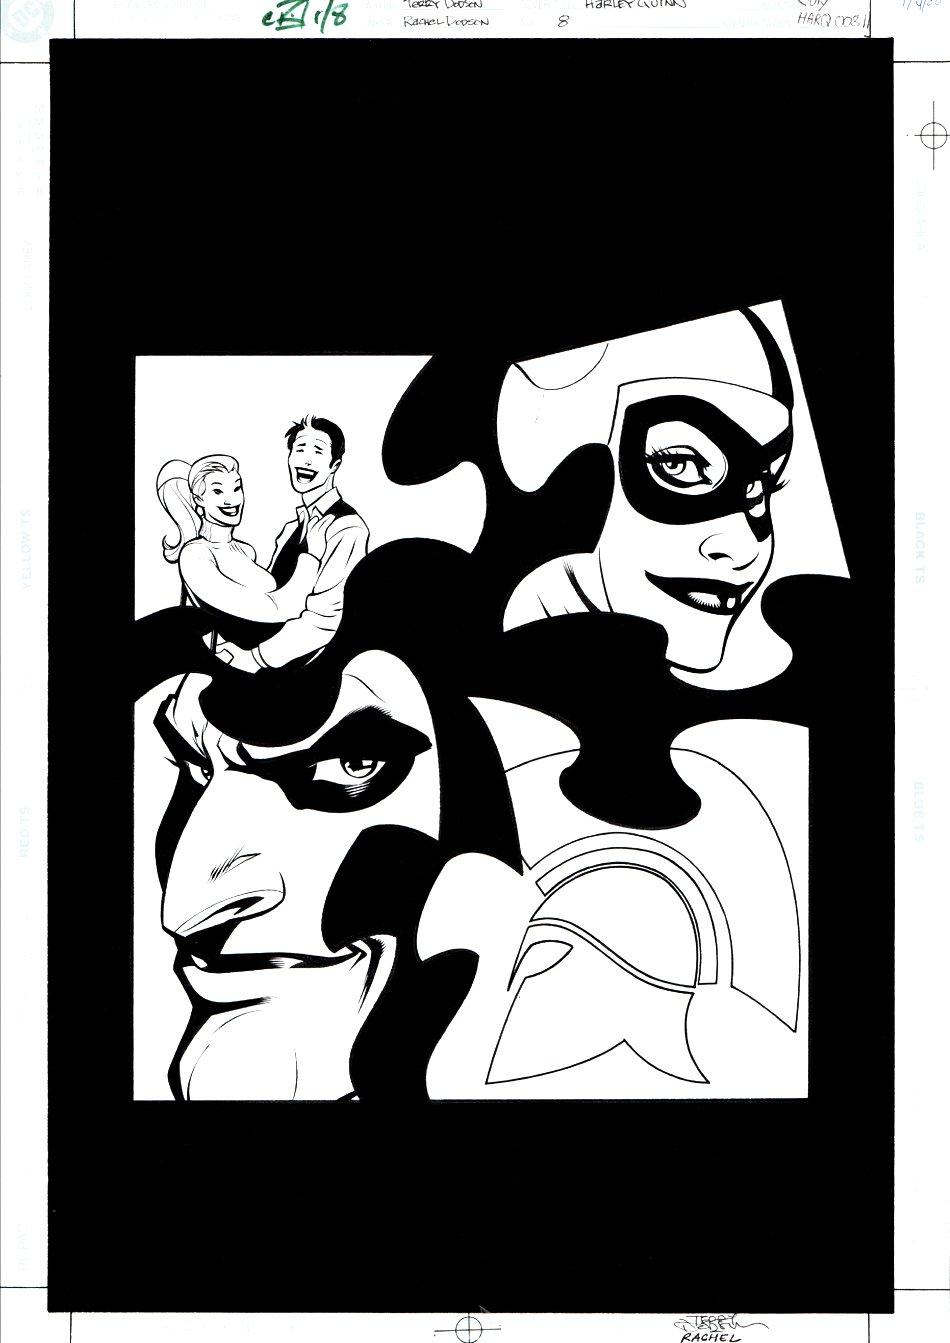 Harley Quinn #8 Cover (JOKER / HARLEY!) 2001